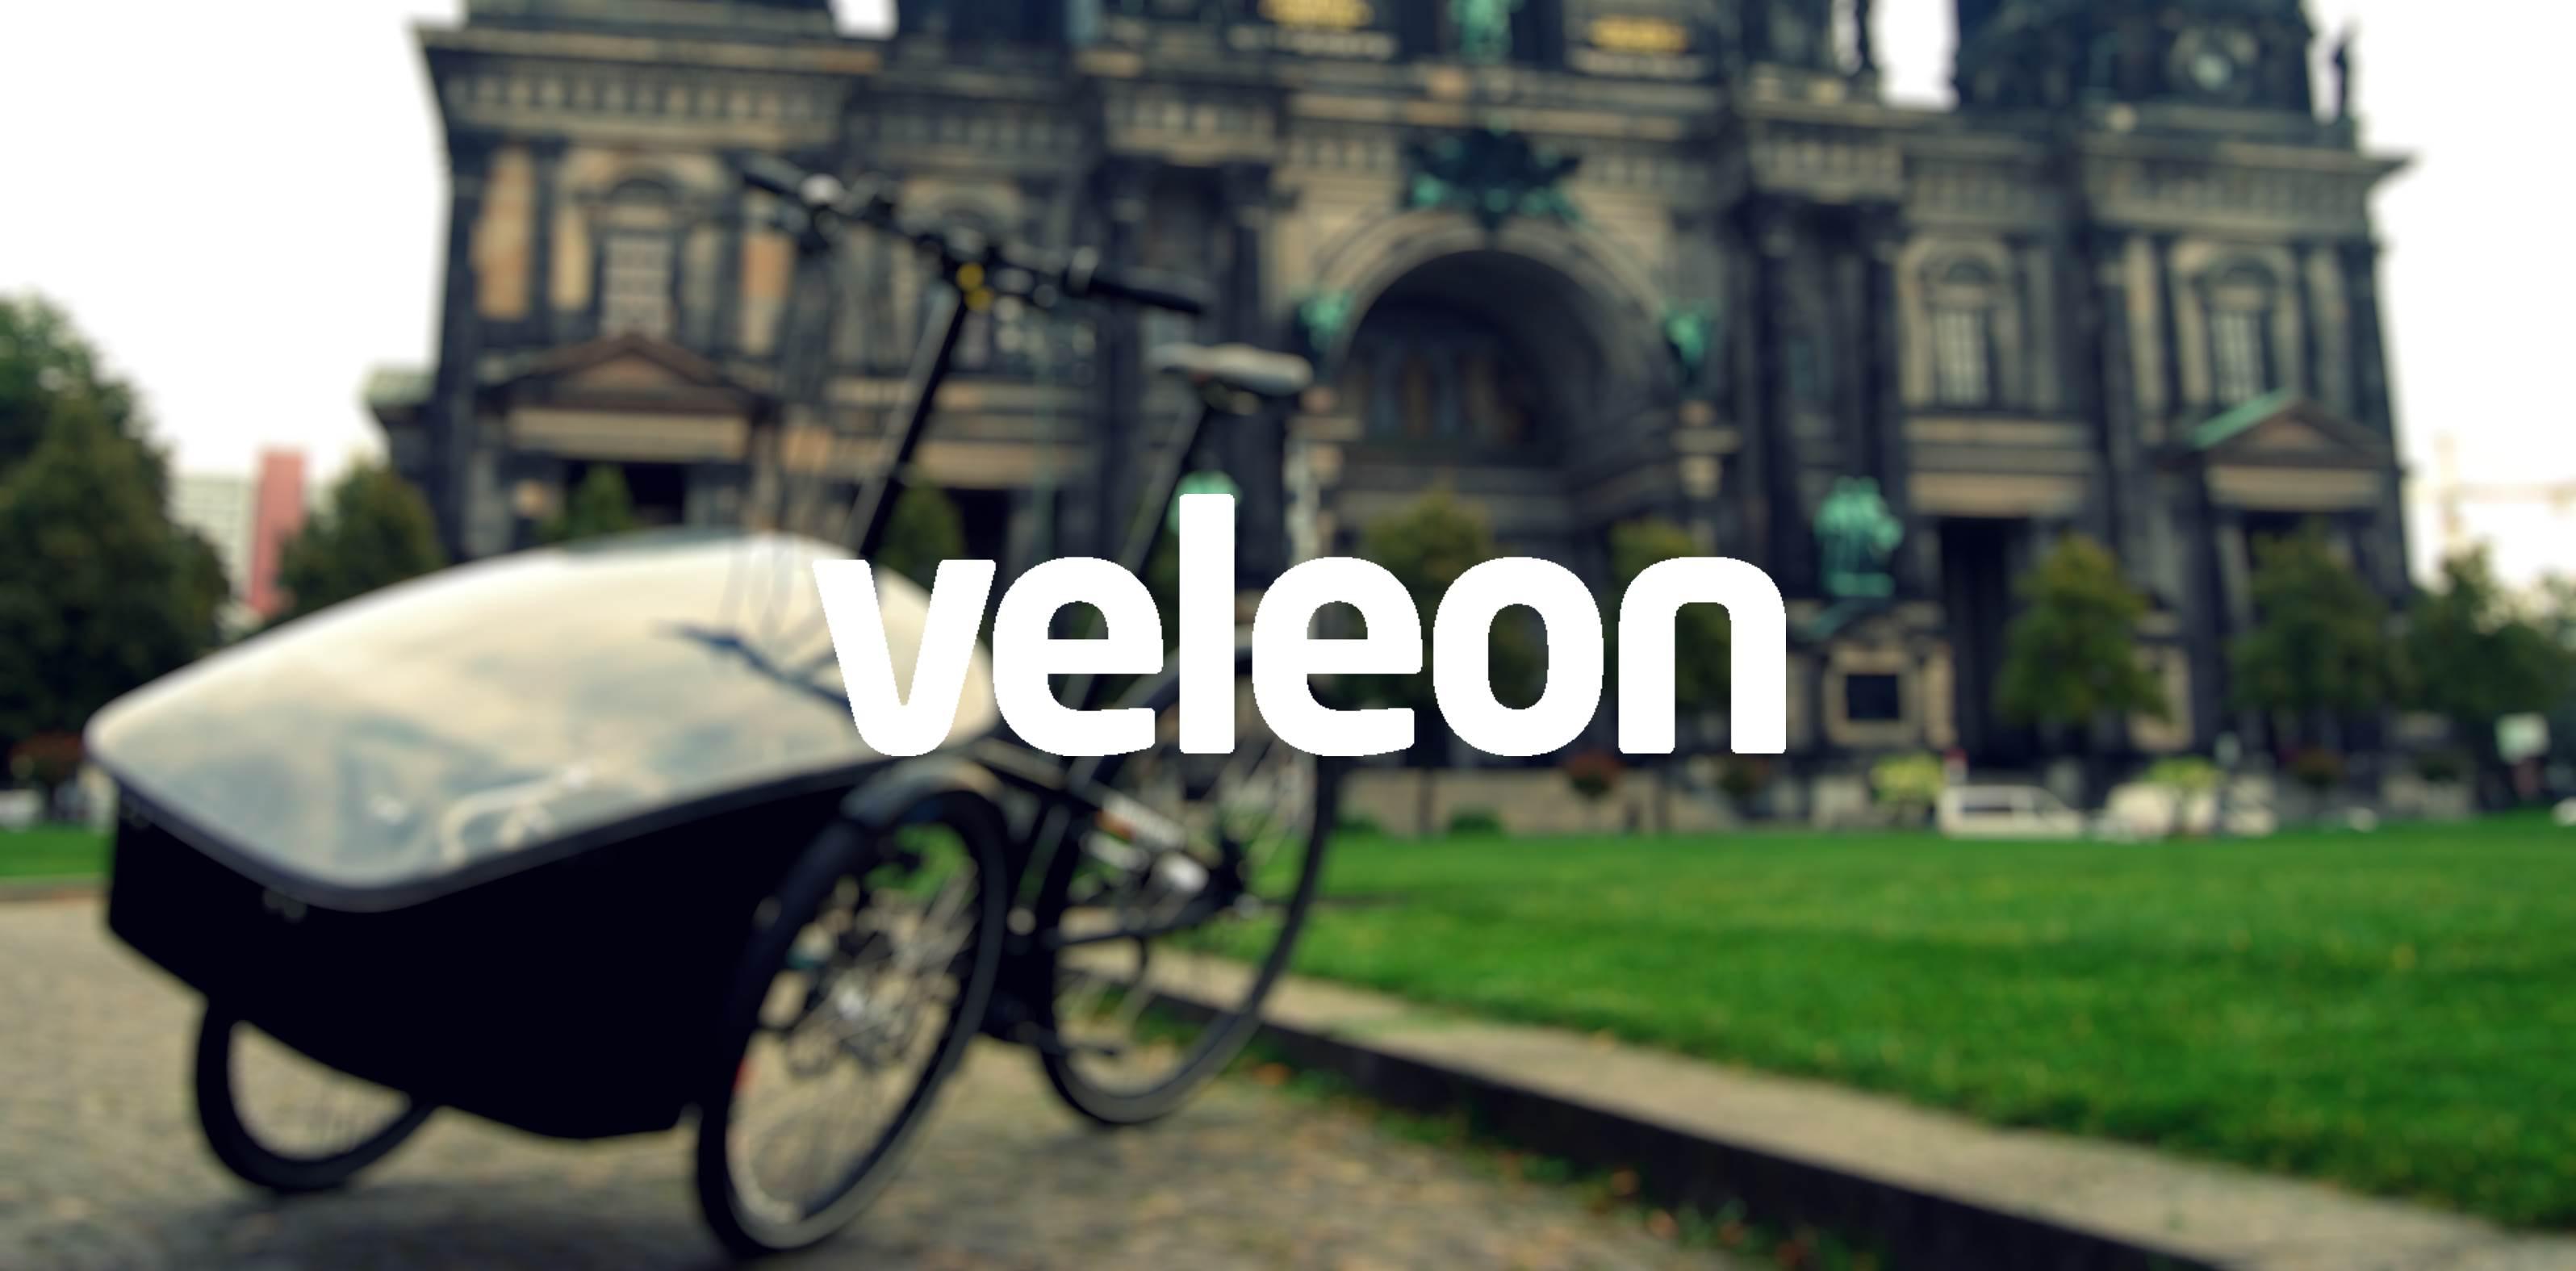 Veleon